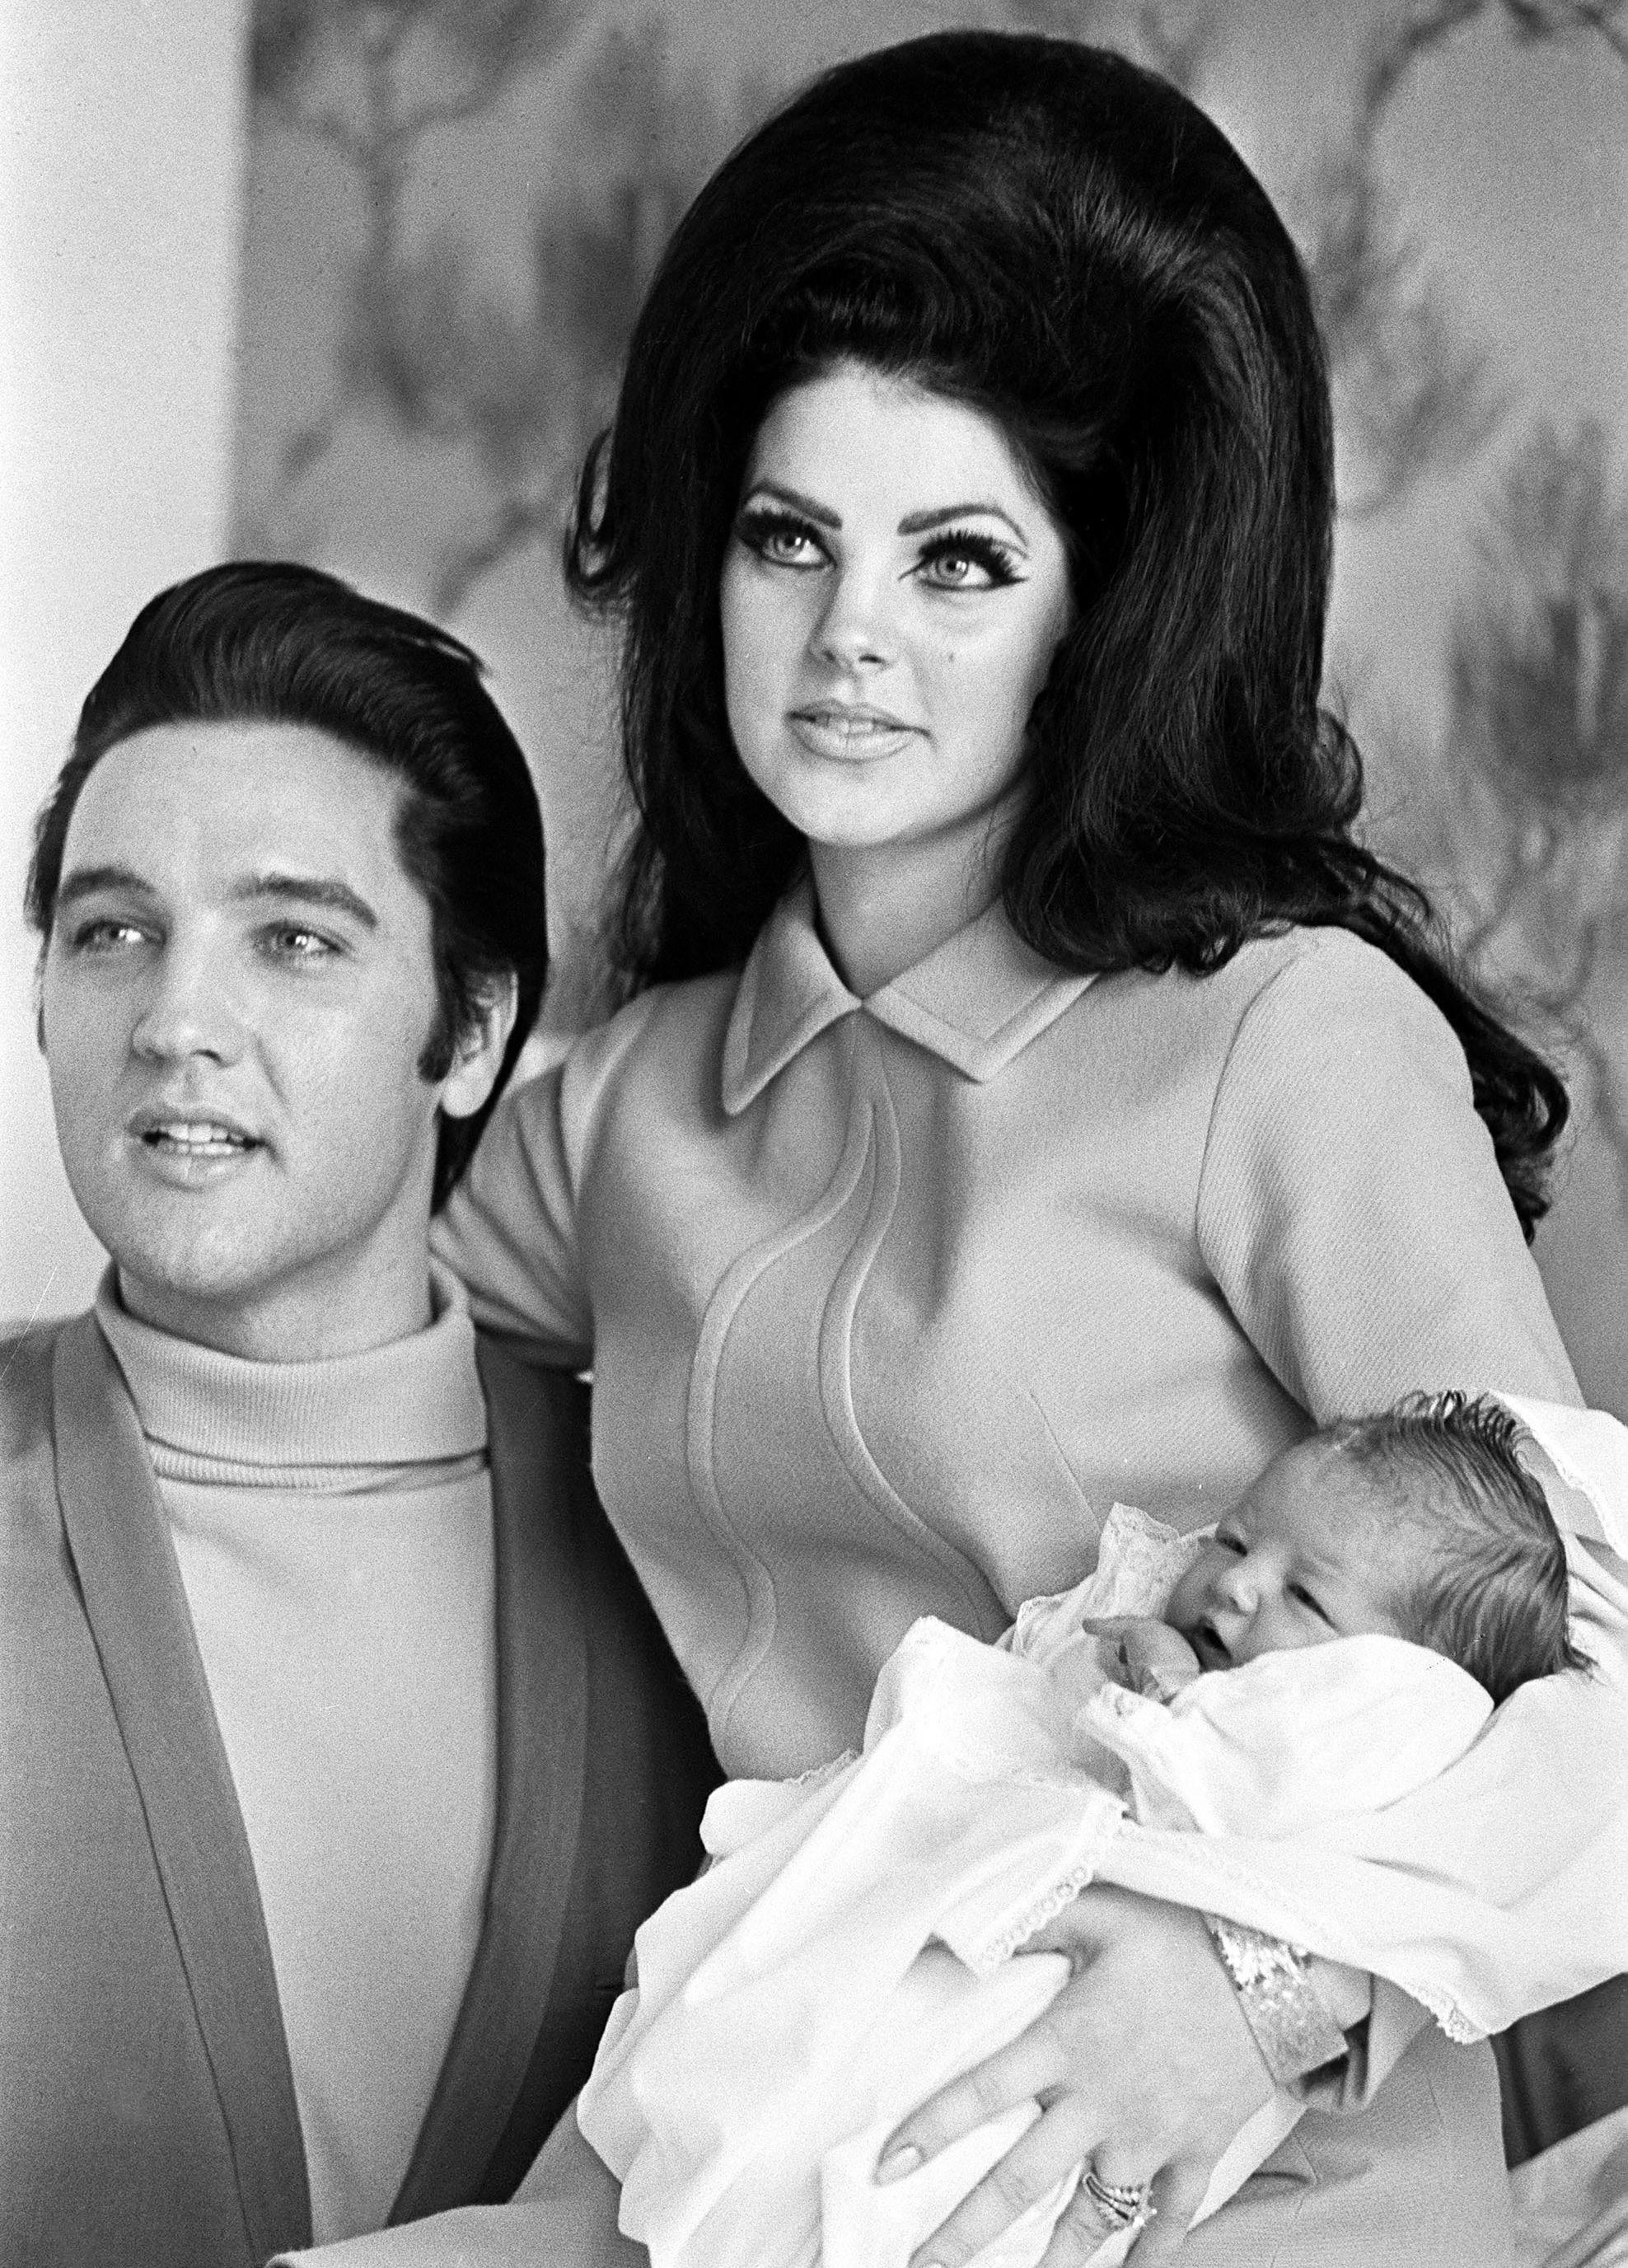 At 70 Priscilla Presley Is Still An Ageless Beauty Priscilla